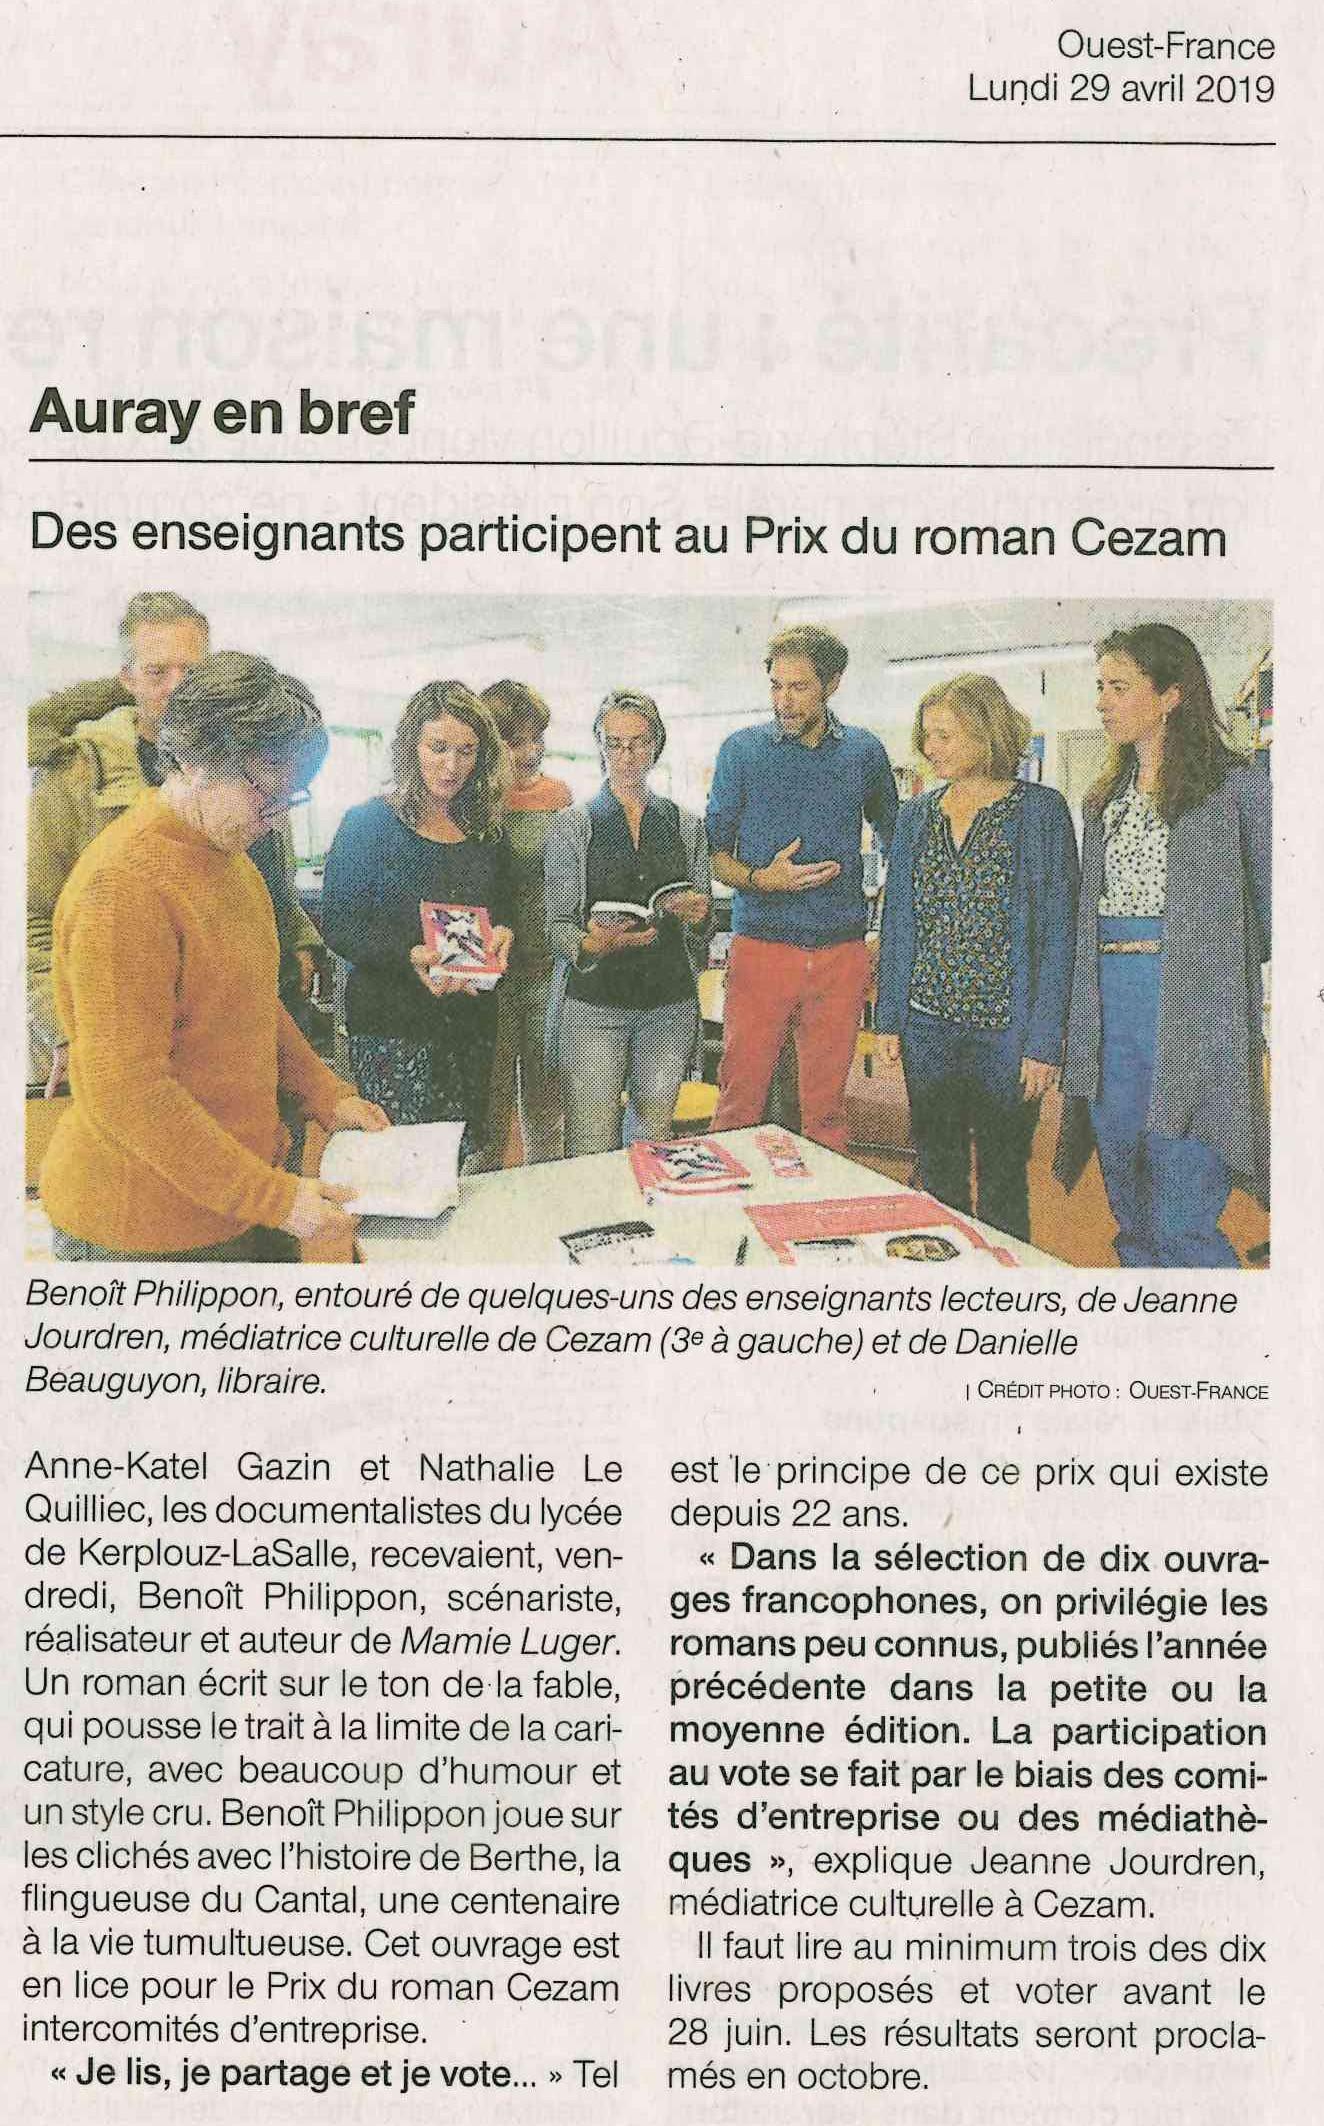 Des enseignants participent au Prix du roman Cezam